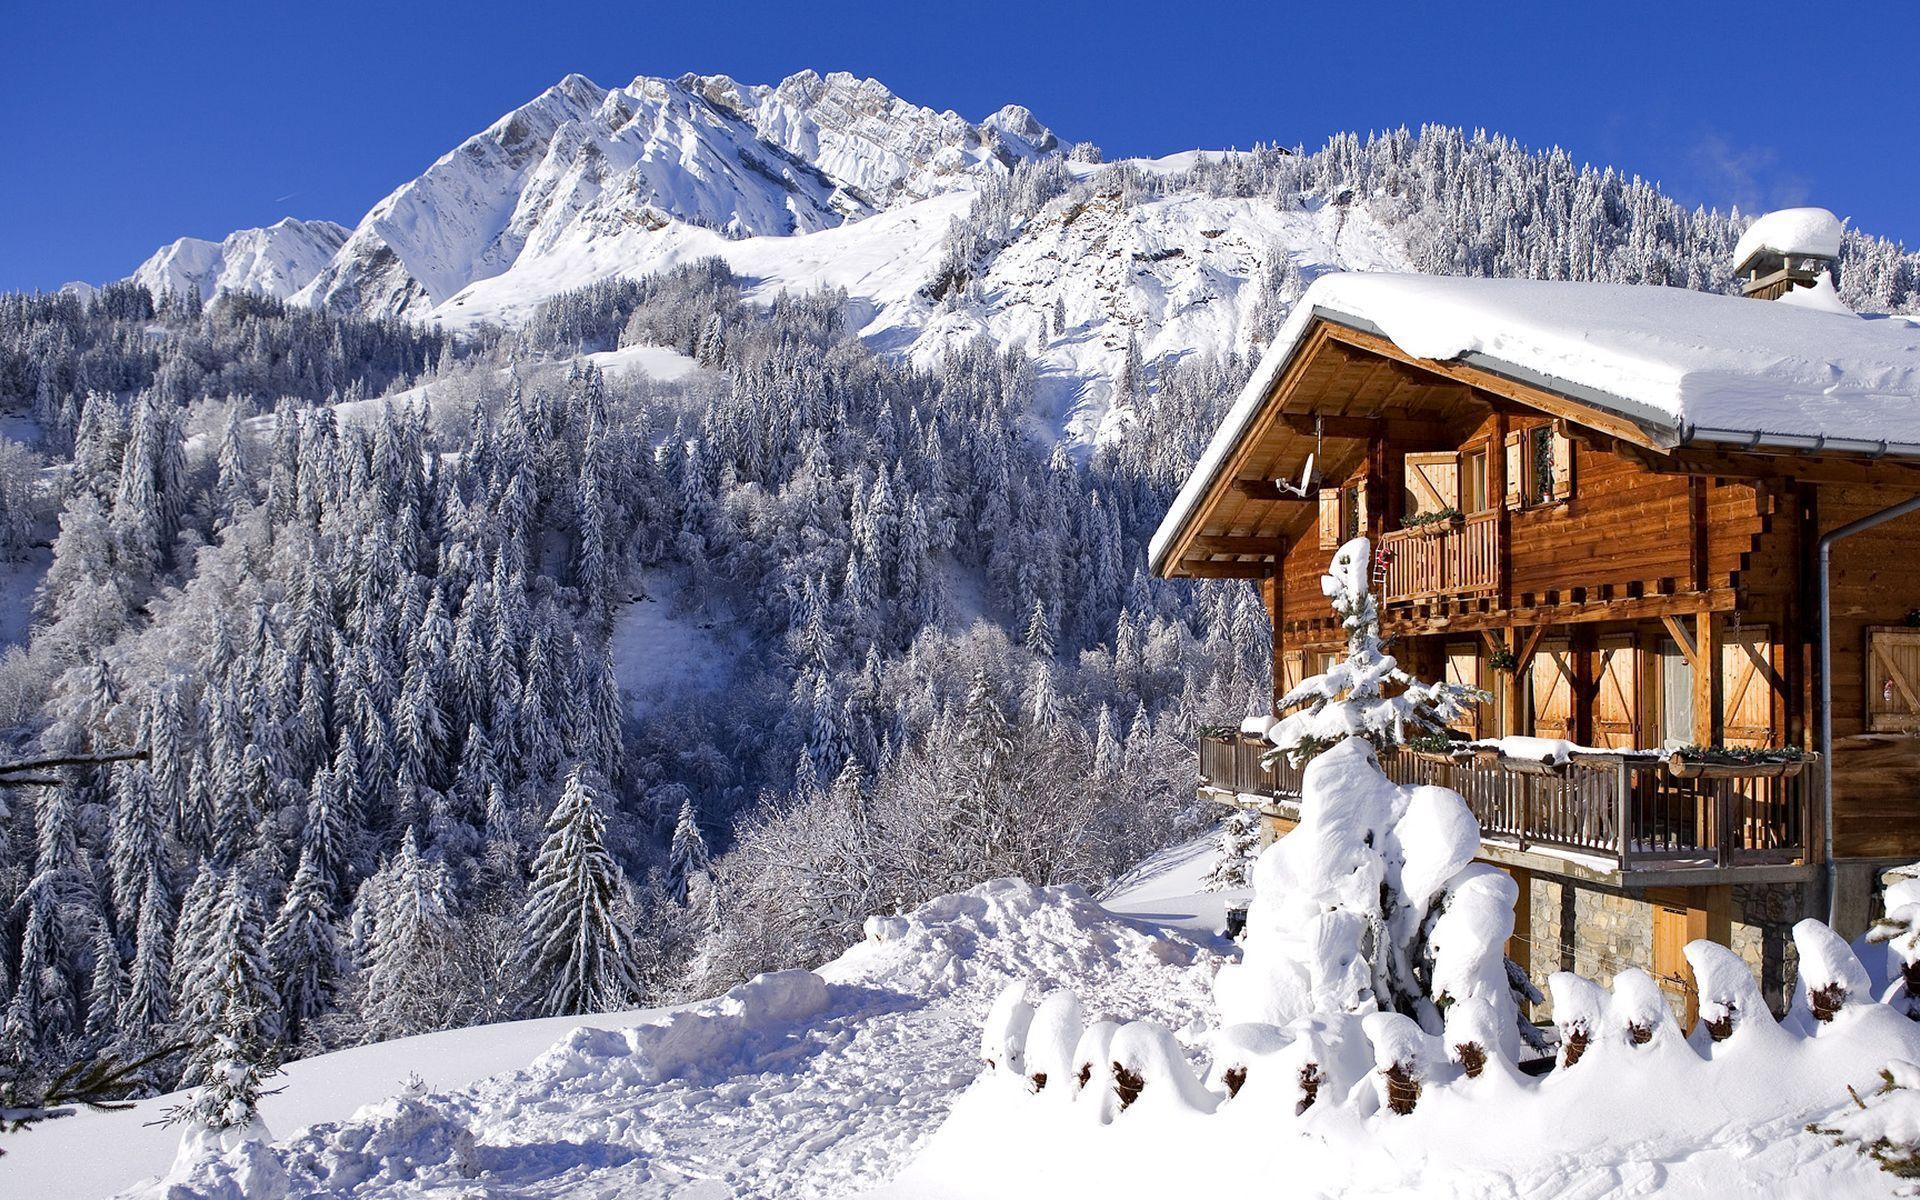 снег плантация snow plantation  № 443631 бесплатно